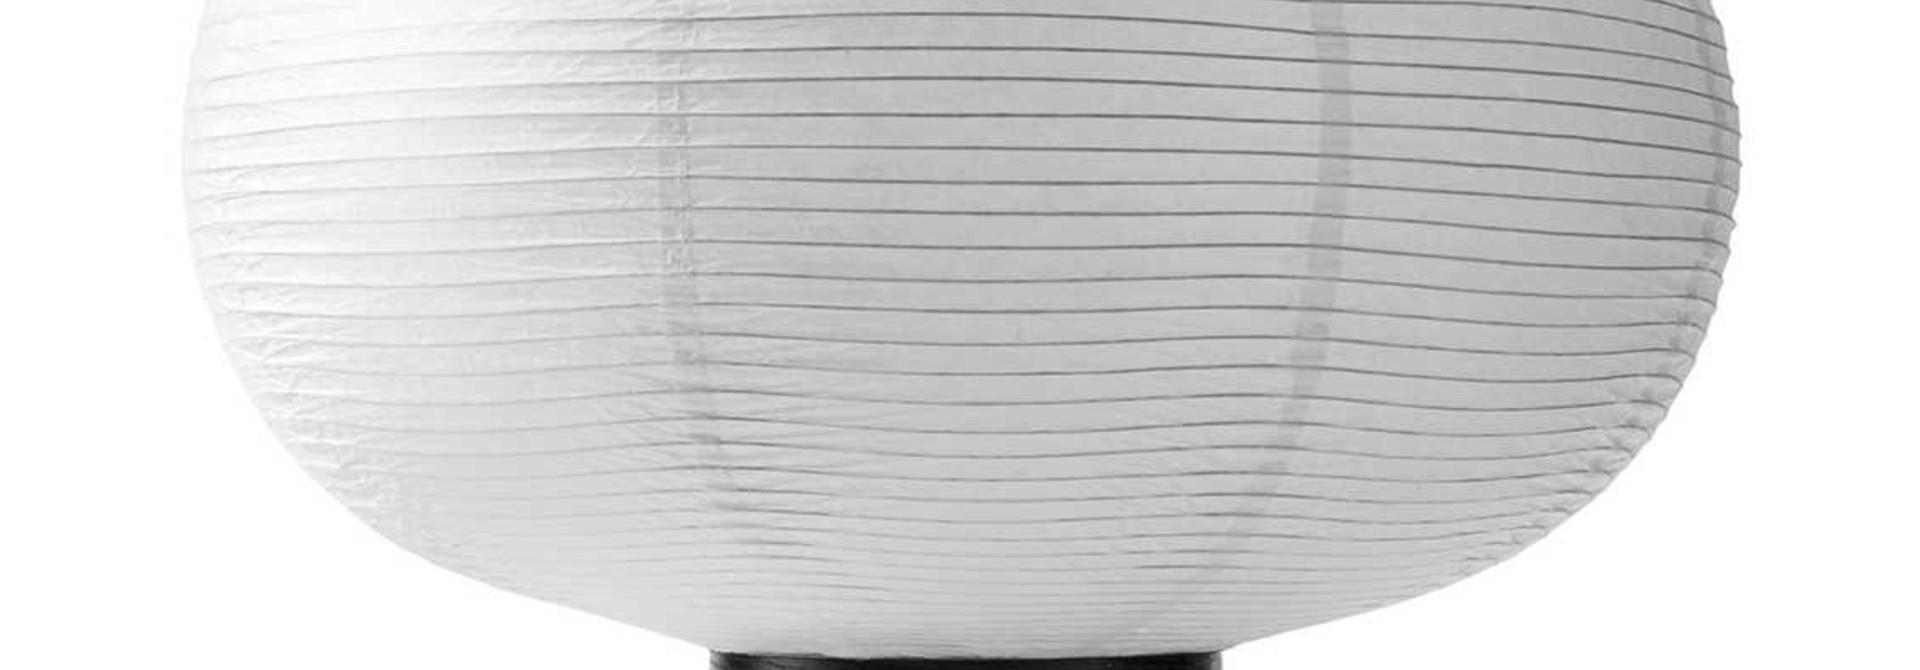 Formakami Pendant Lamp  JH5